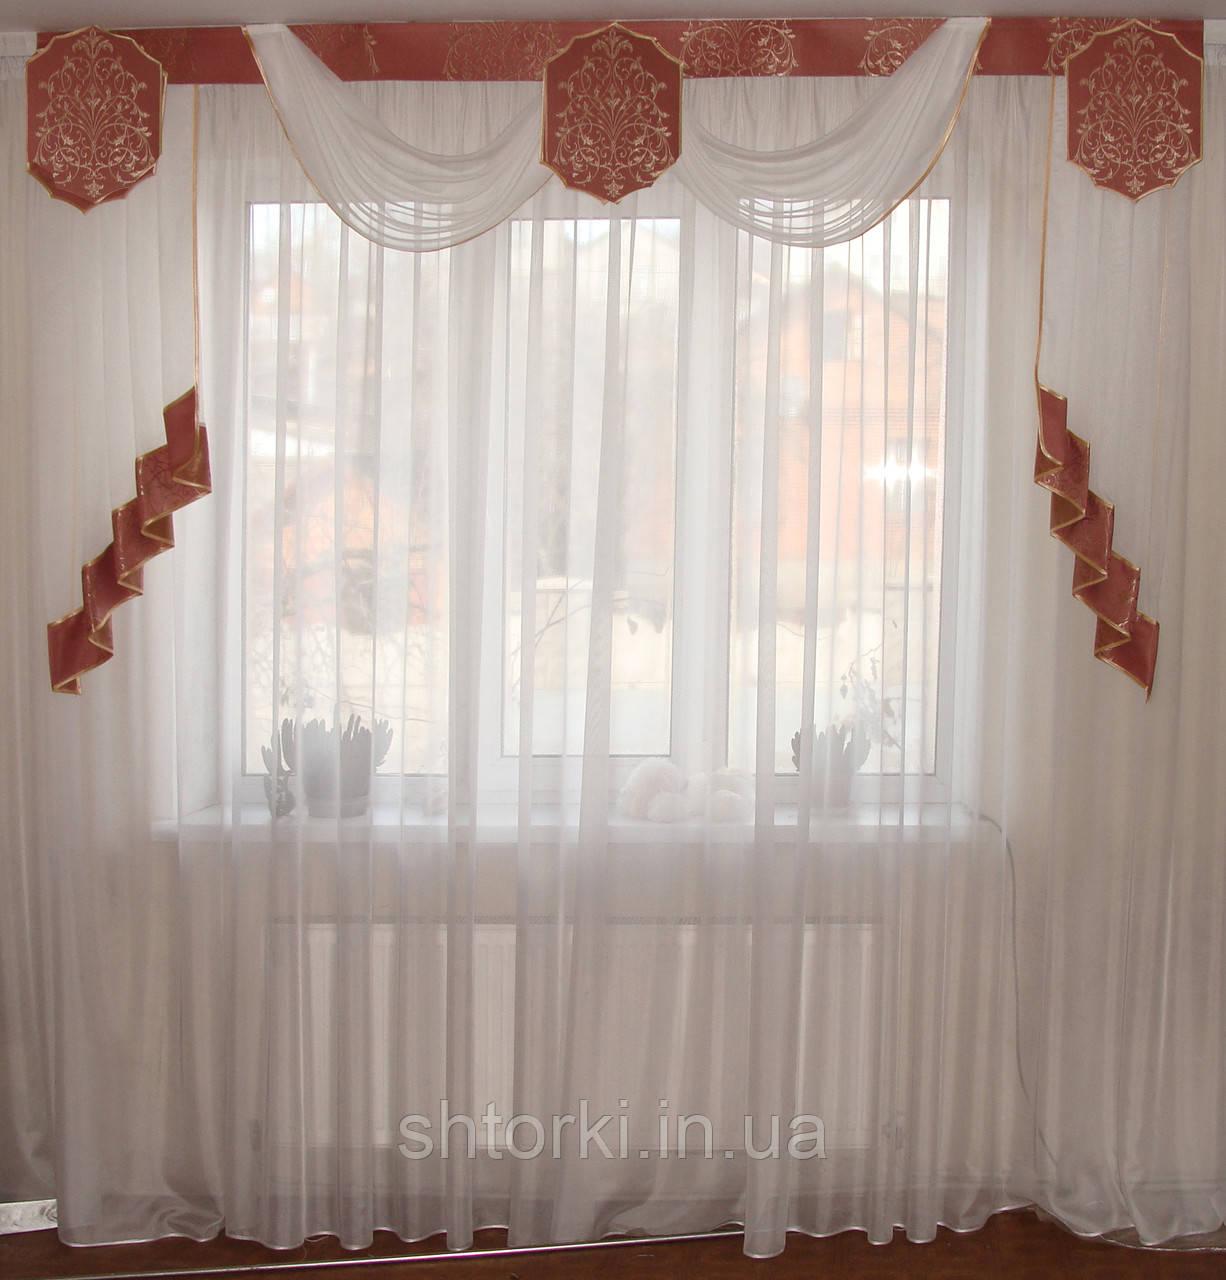 Жесткий ламбрекен Корона розовая, 2,5м